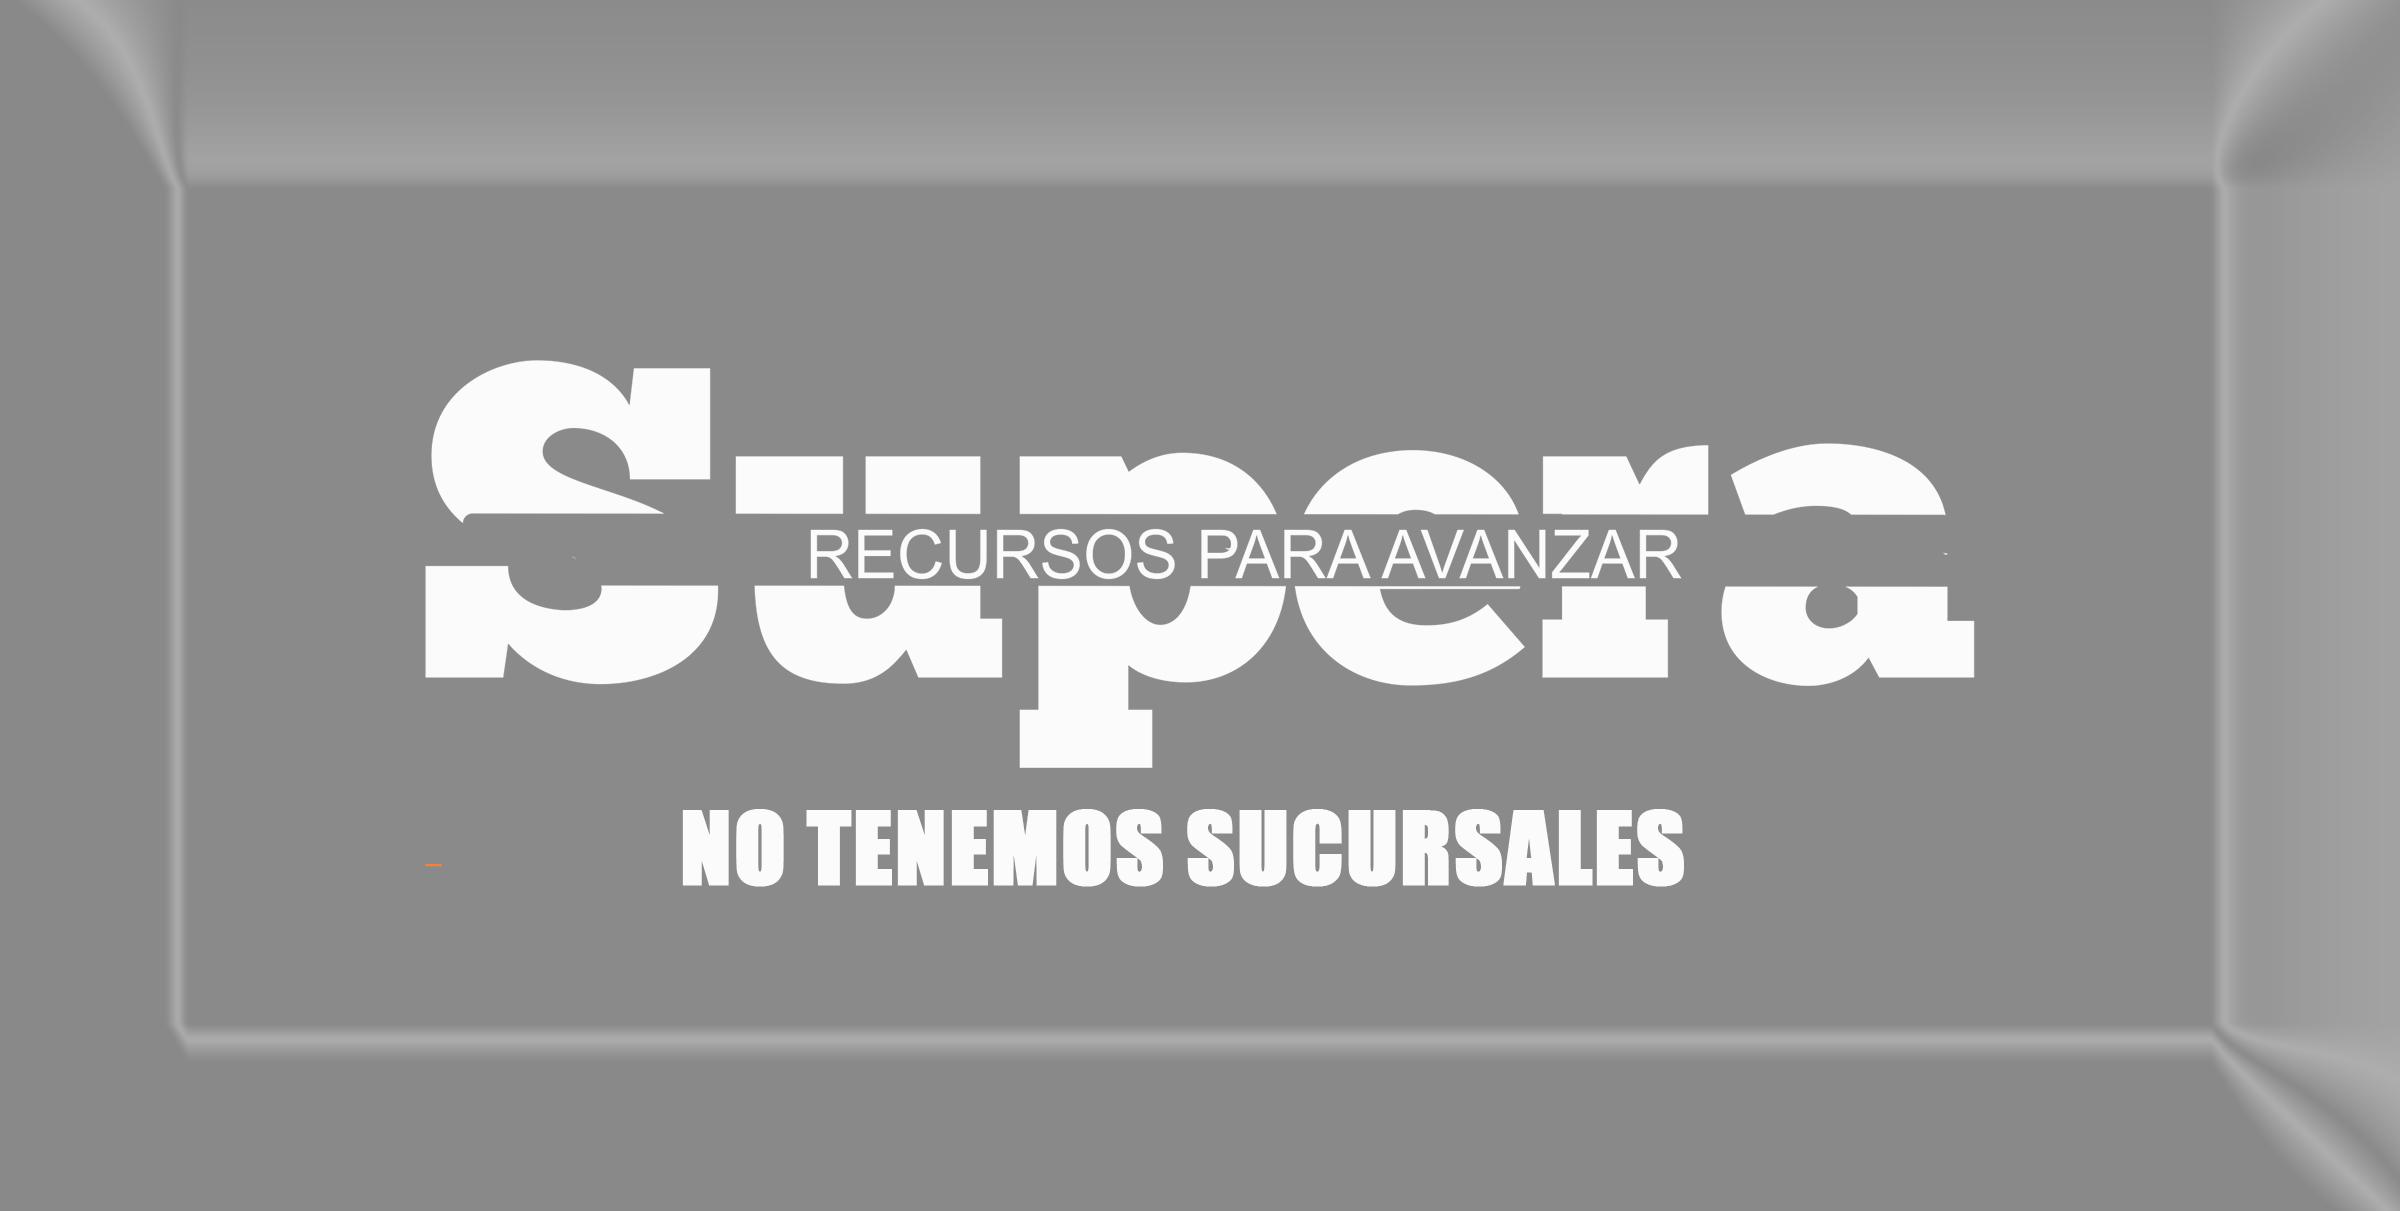 NO TENEMOS SUCURSALES